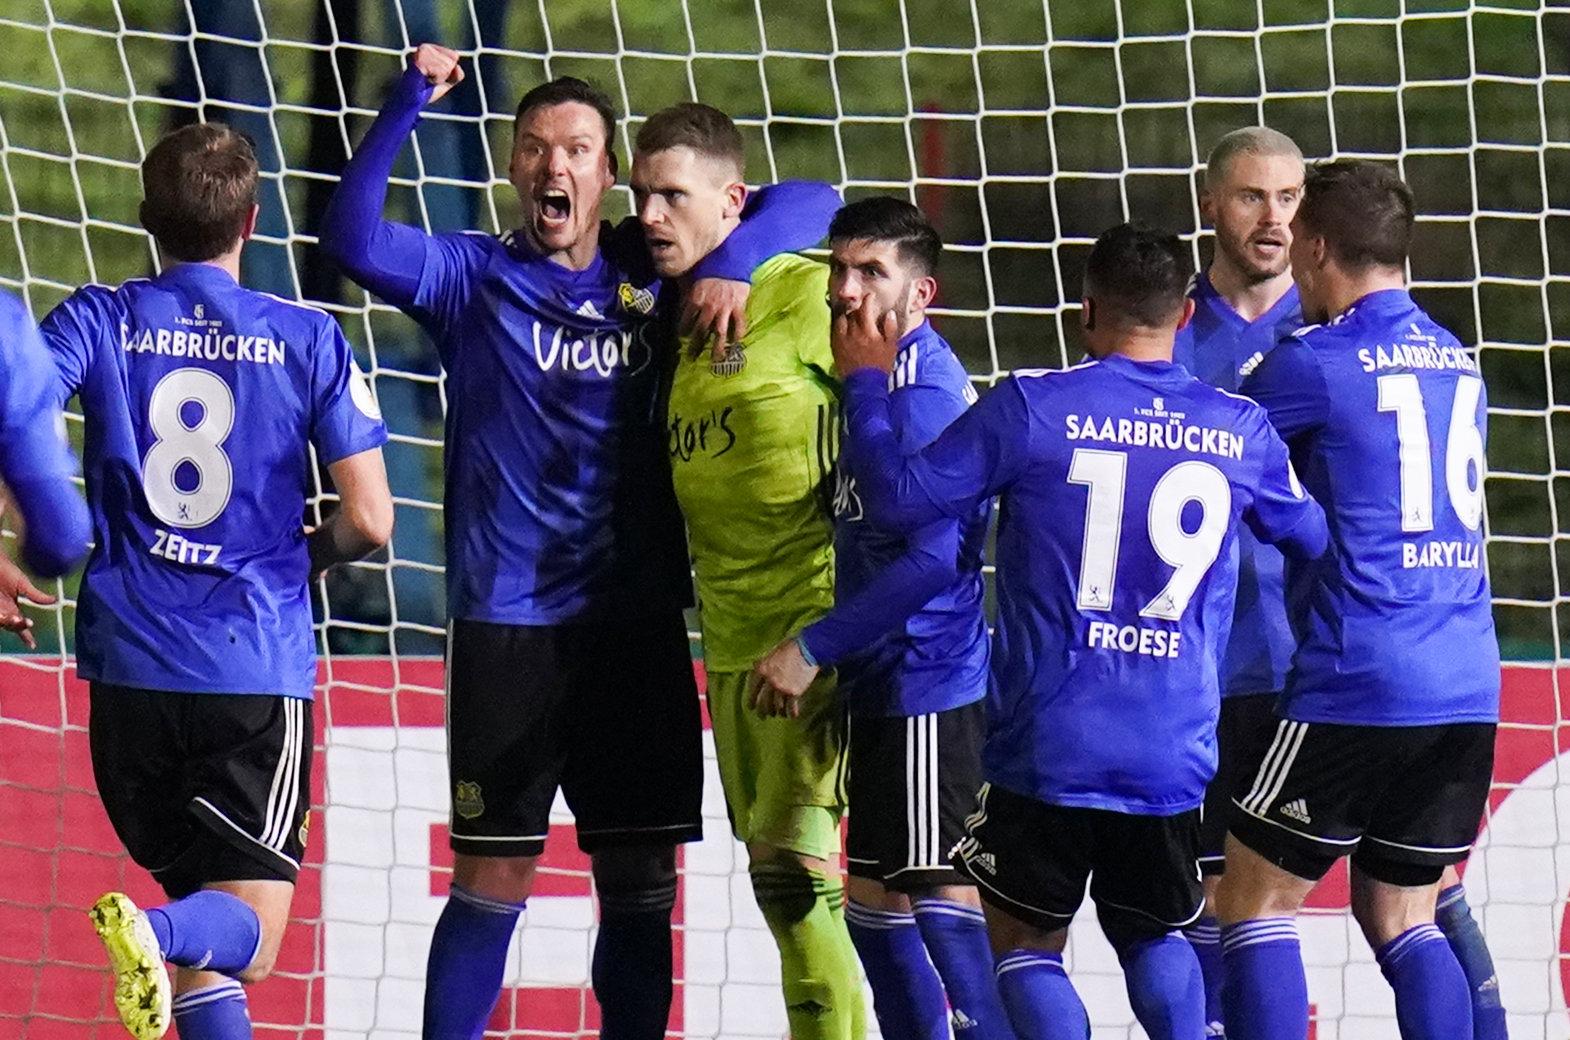 Die Pokal-Helden des 1. FC Saarbrücken.